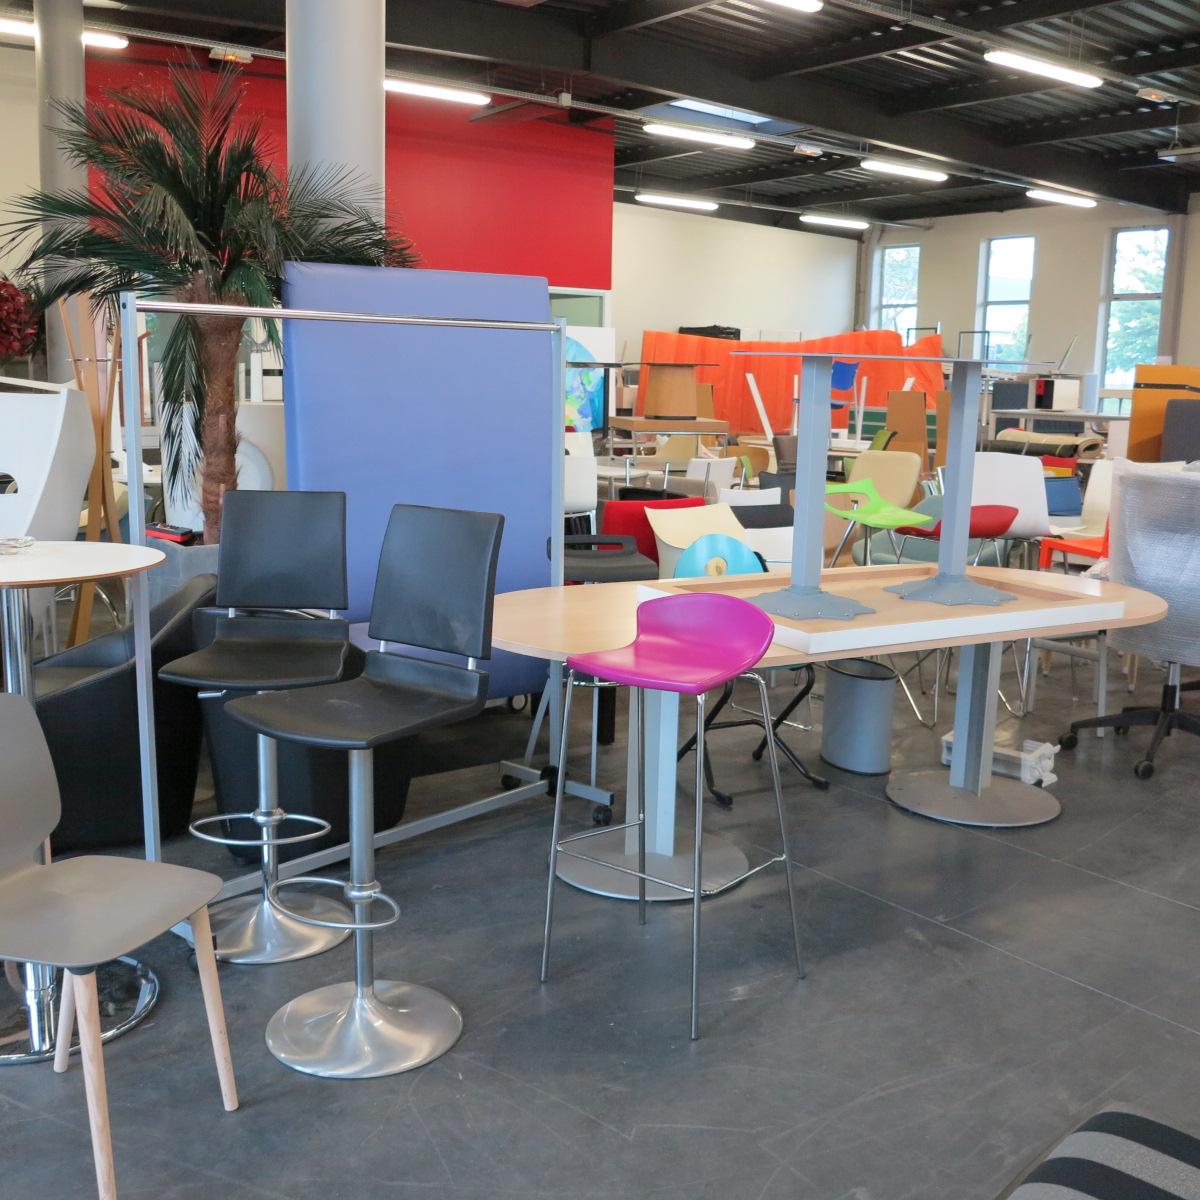 bureaux et mobiliers de marque reprise mtop recyclage mobilier de bureau par france. Black Bedroom Furniture Sets. Home Design Ideas